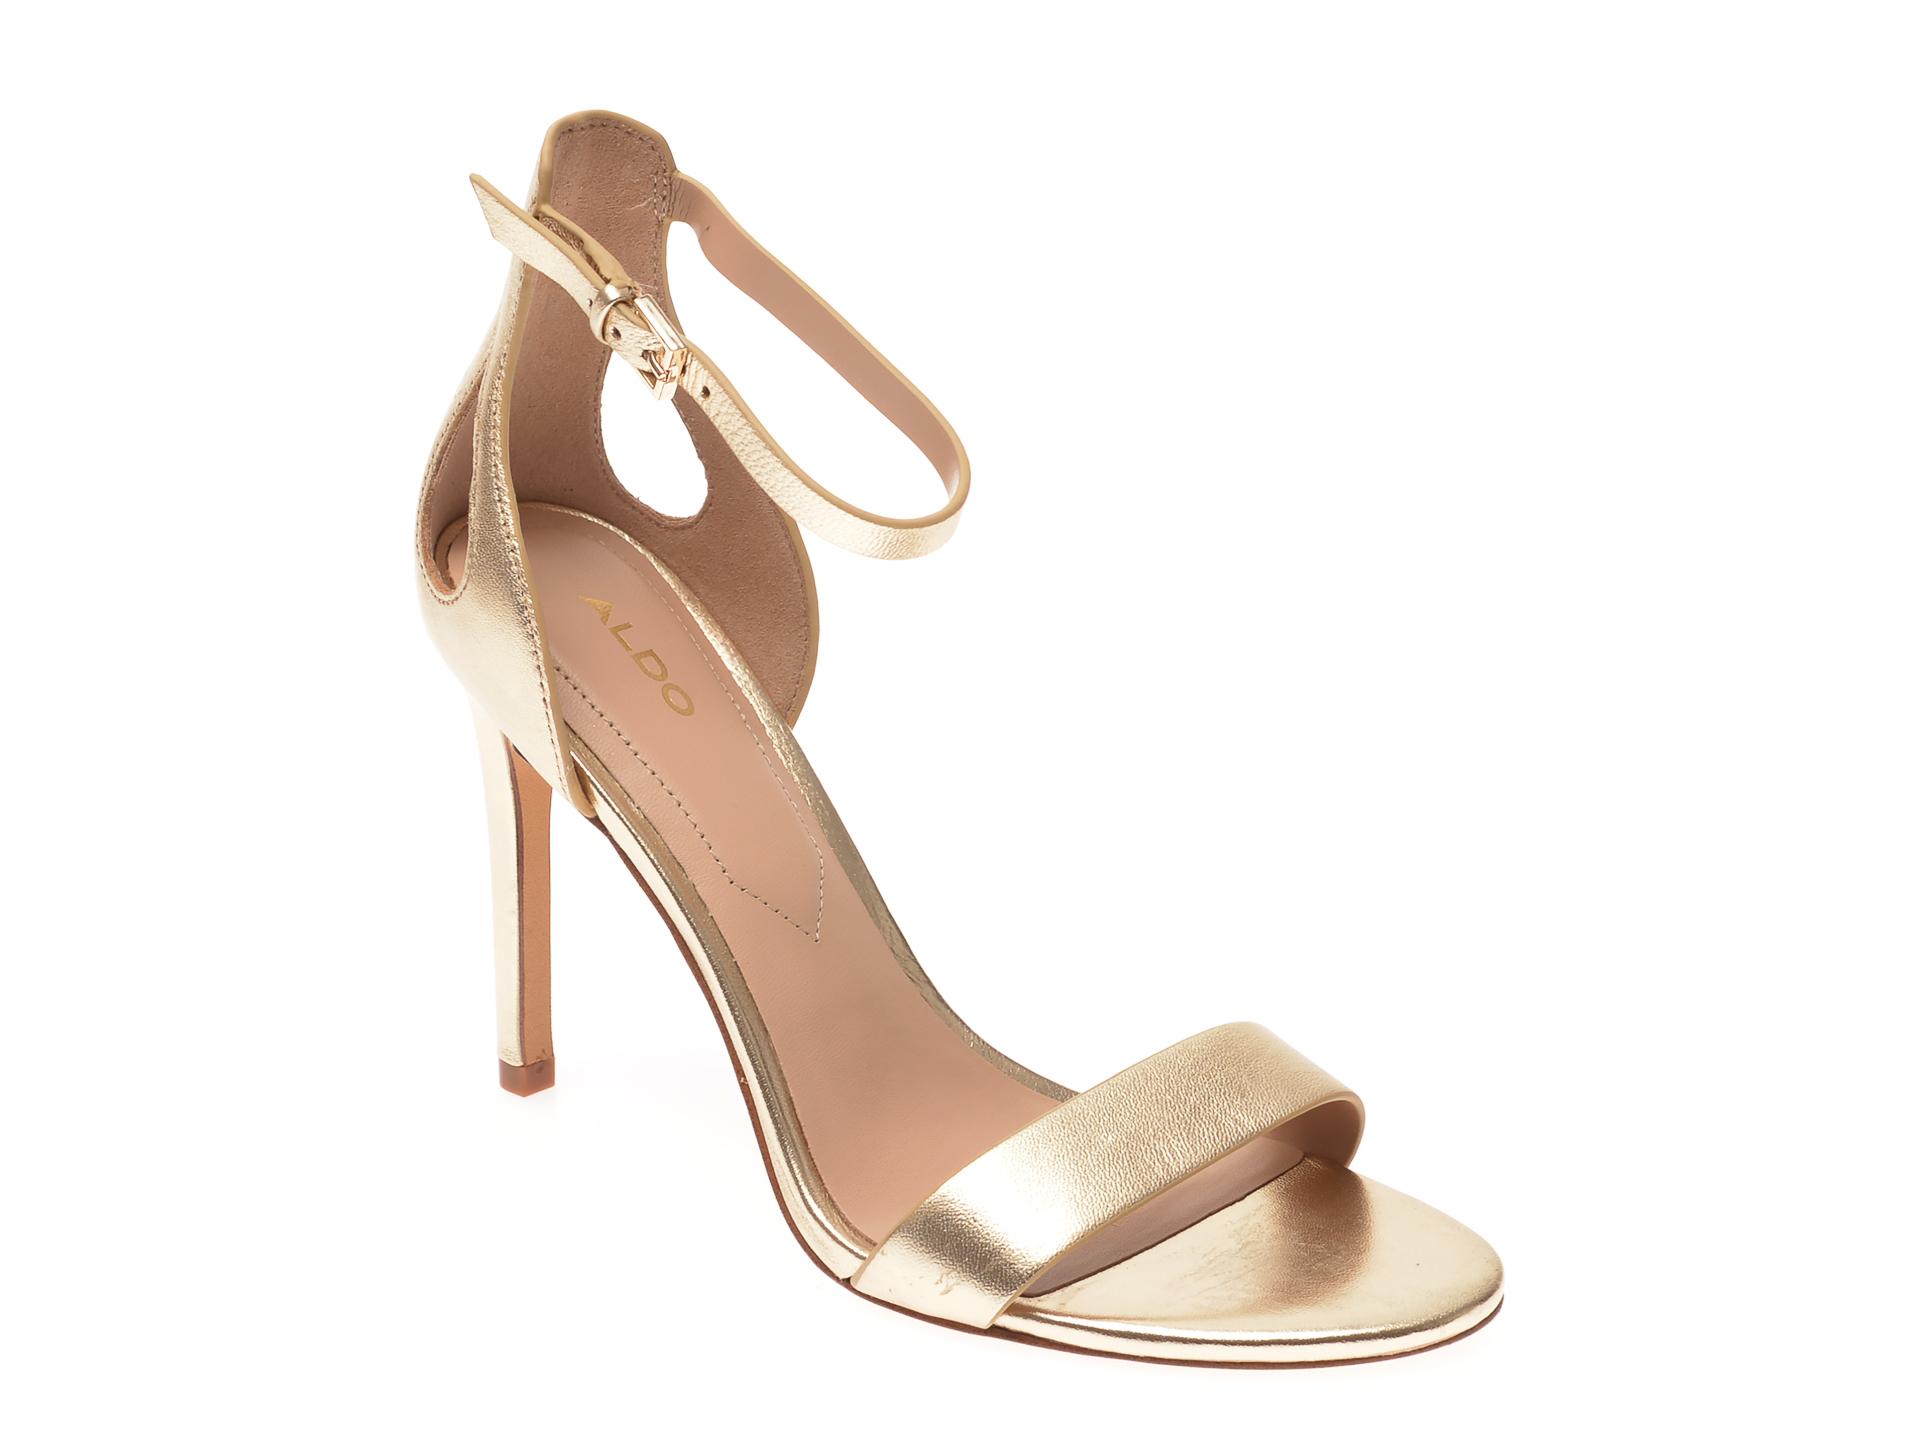 Sandale ALDO aurii, Violla710, din piele naturala